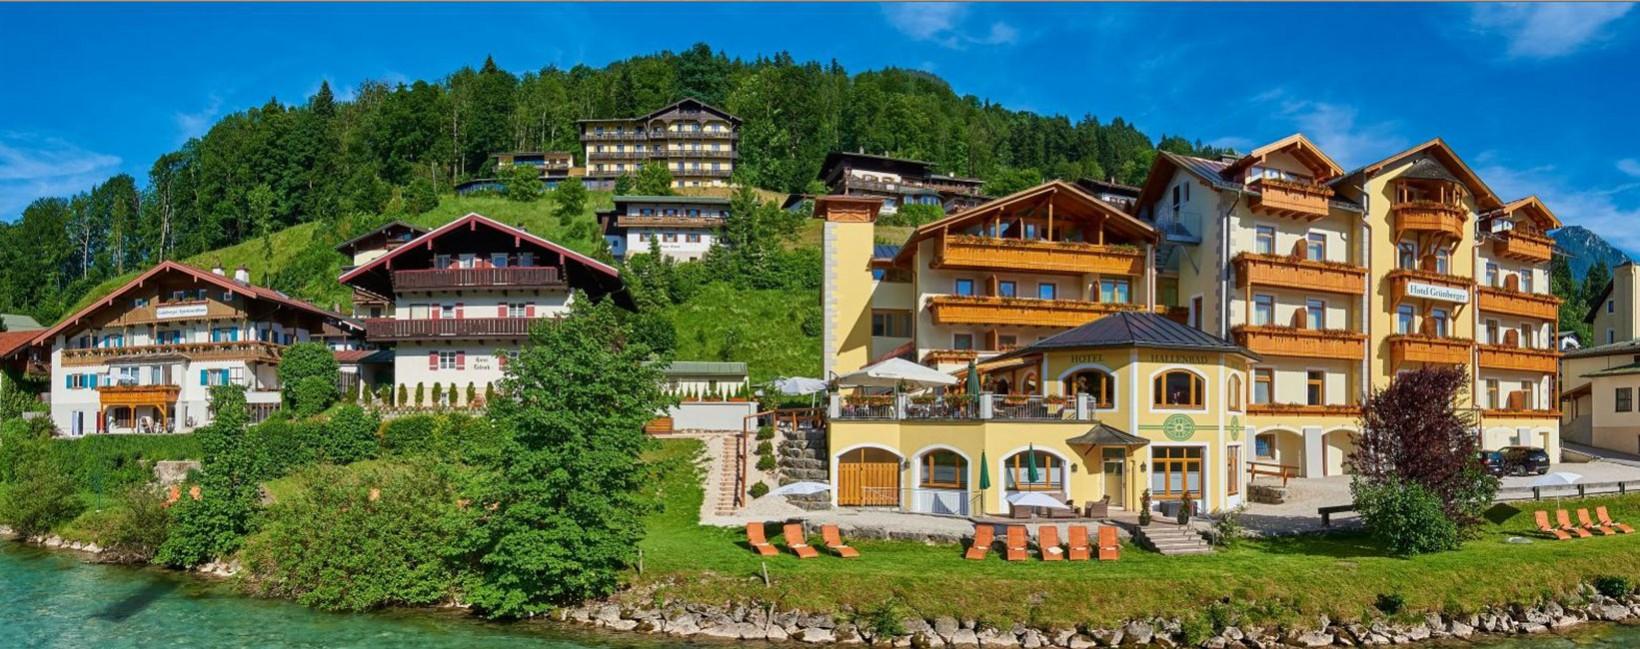 Hotel Grünberger Berchtesgaden Sommer